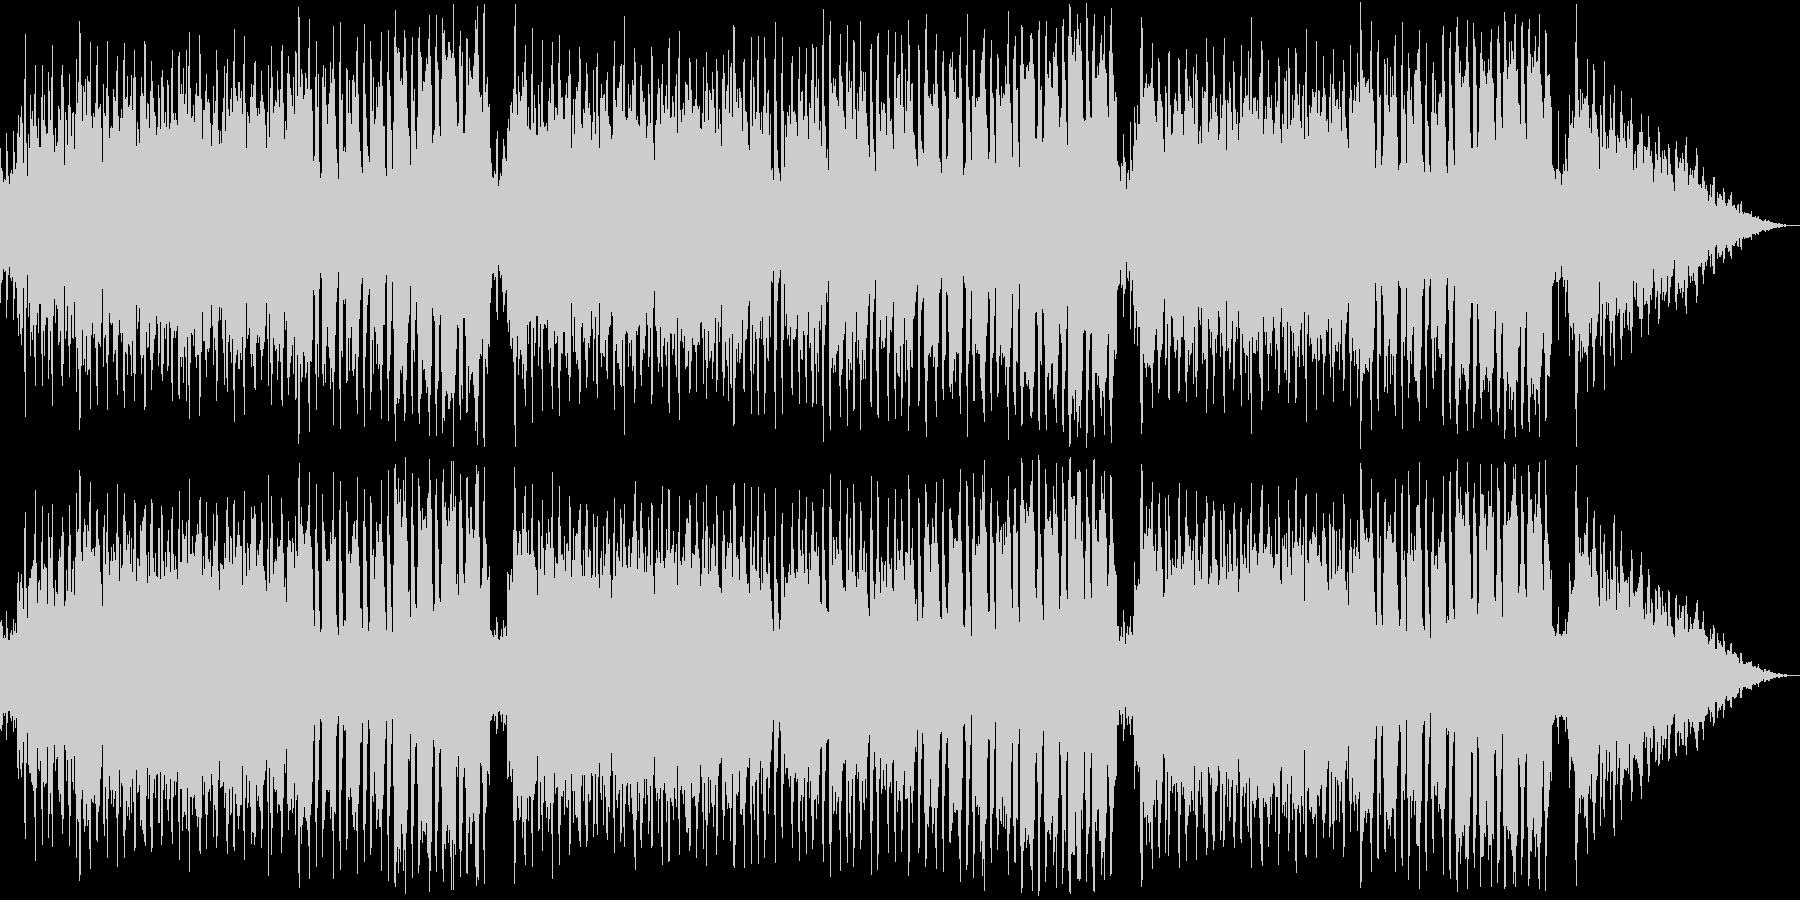 レトロ風な戦闘曲の未再生の波形